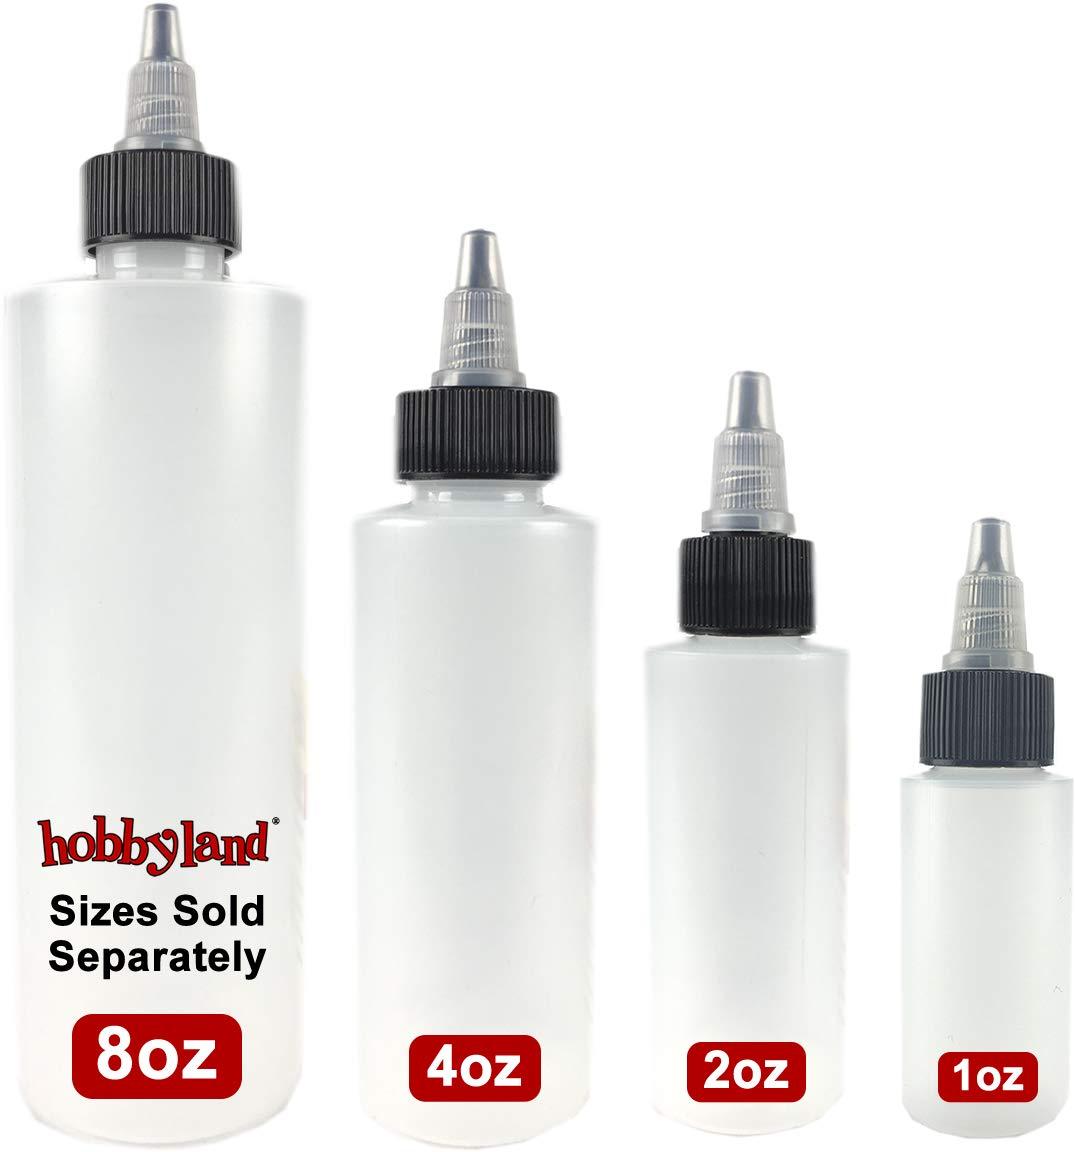 Hobbyland Squeeze Bottles with Twist Cap (8 oz, 6 Bottles)